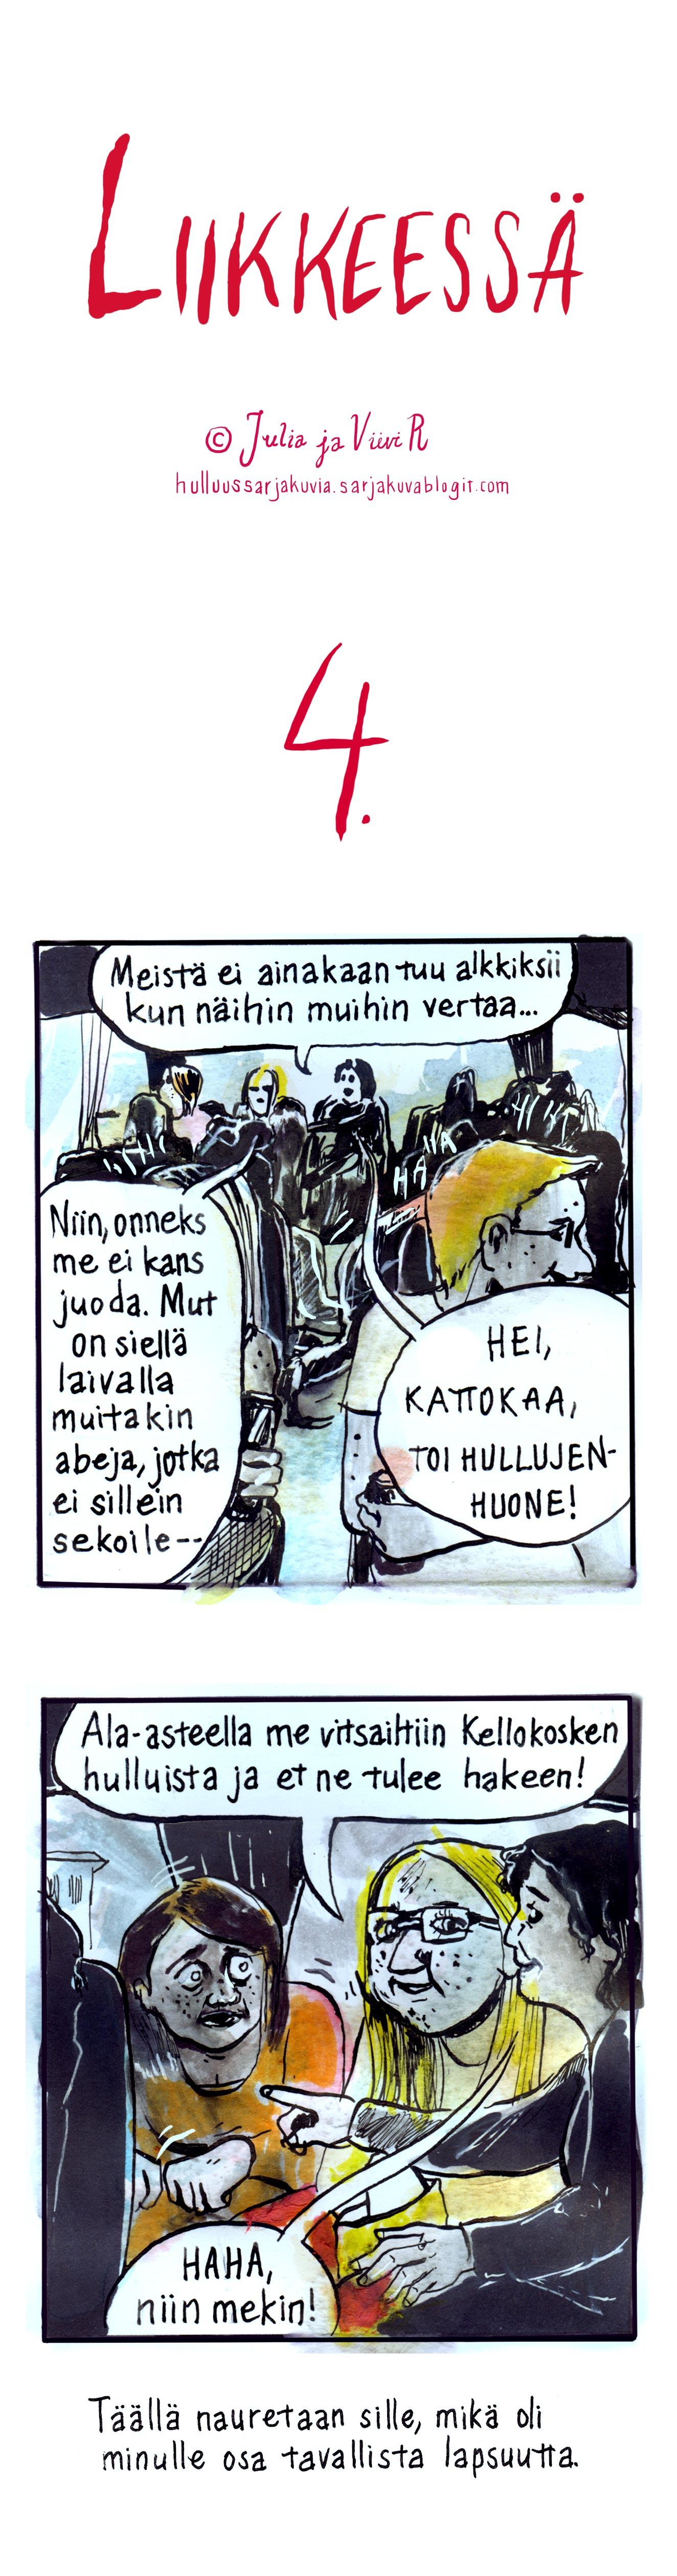 liikkeessä_osa4